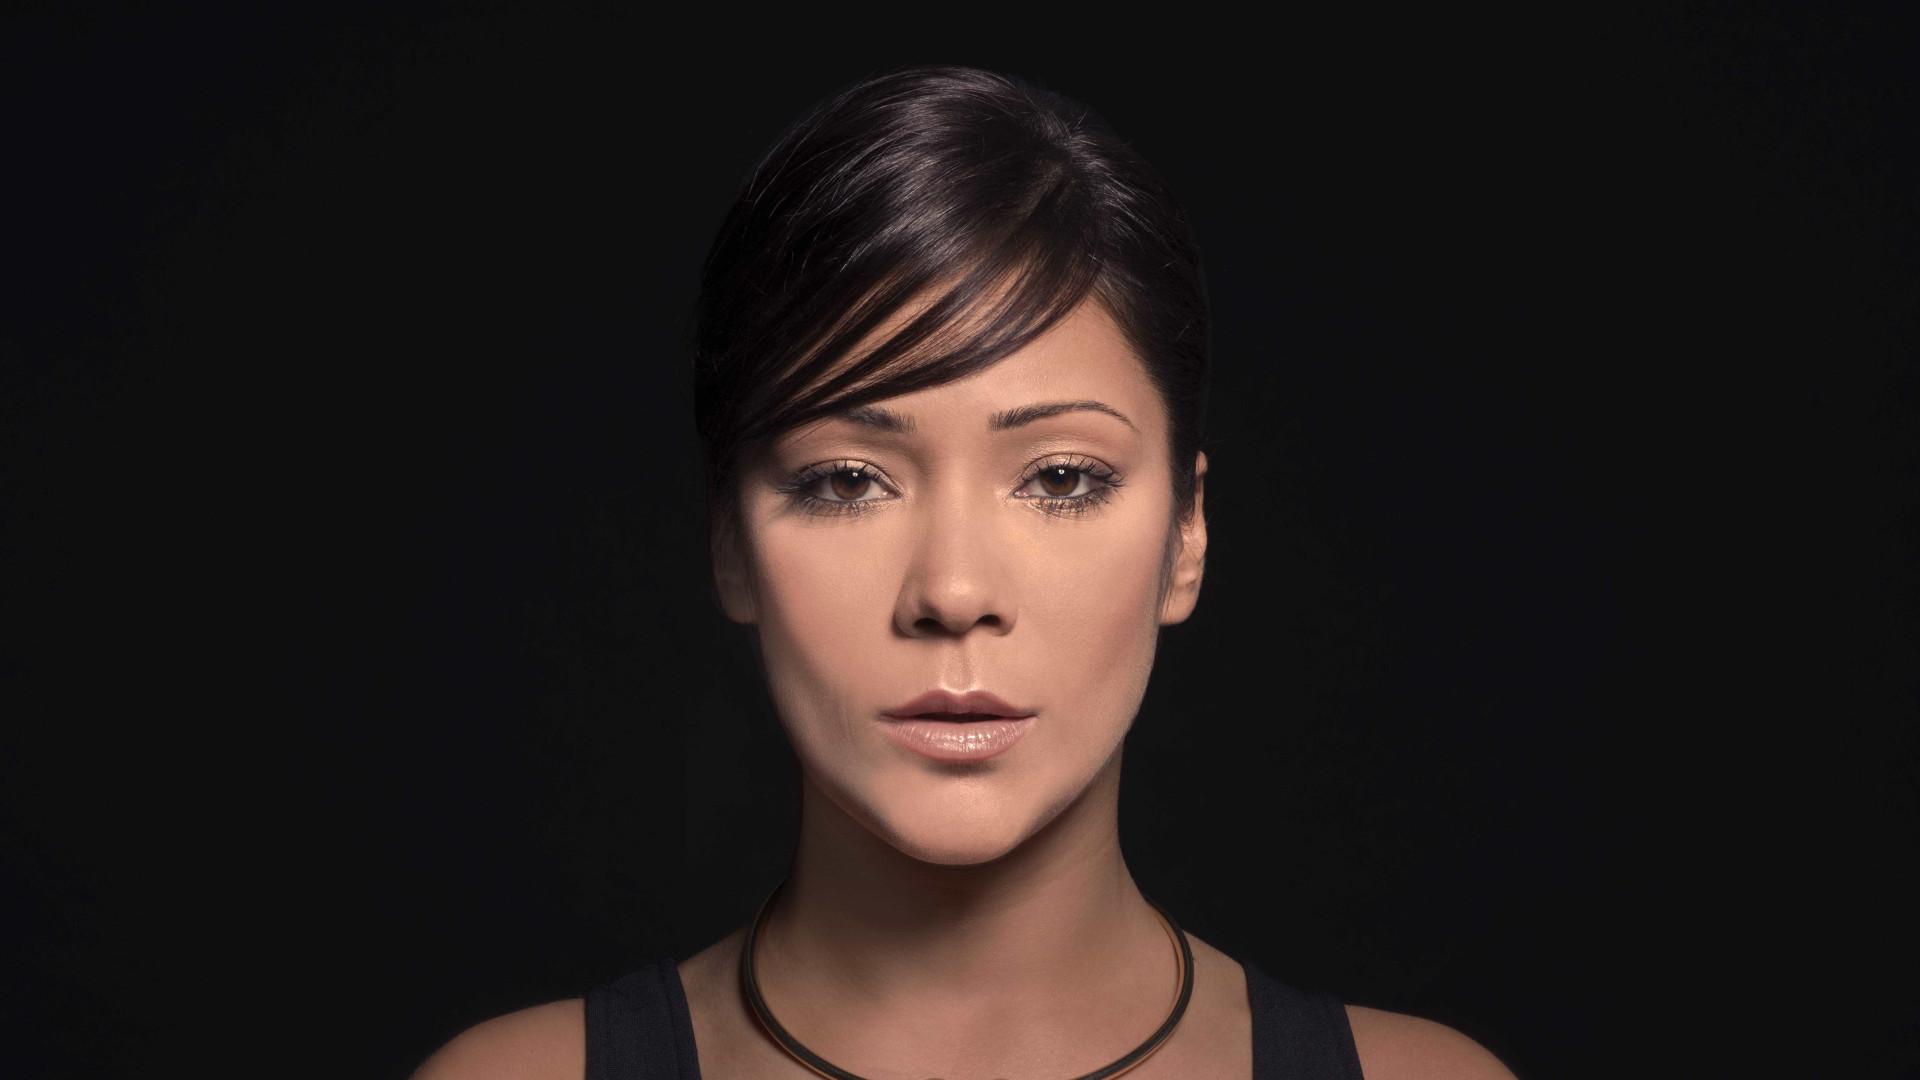 Novo visual: Raquel Tavares está irreconhecível